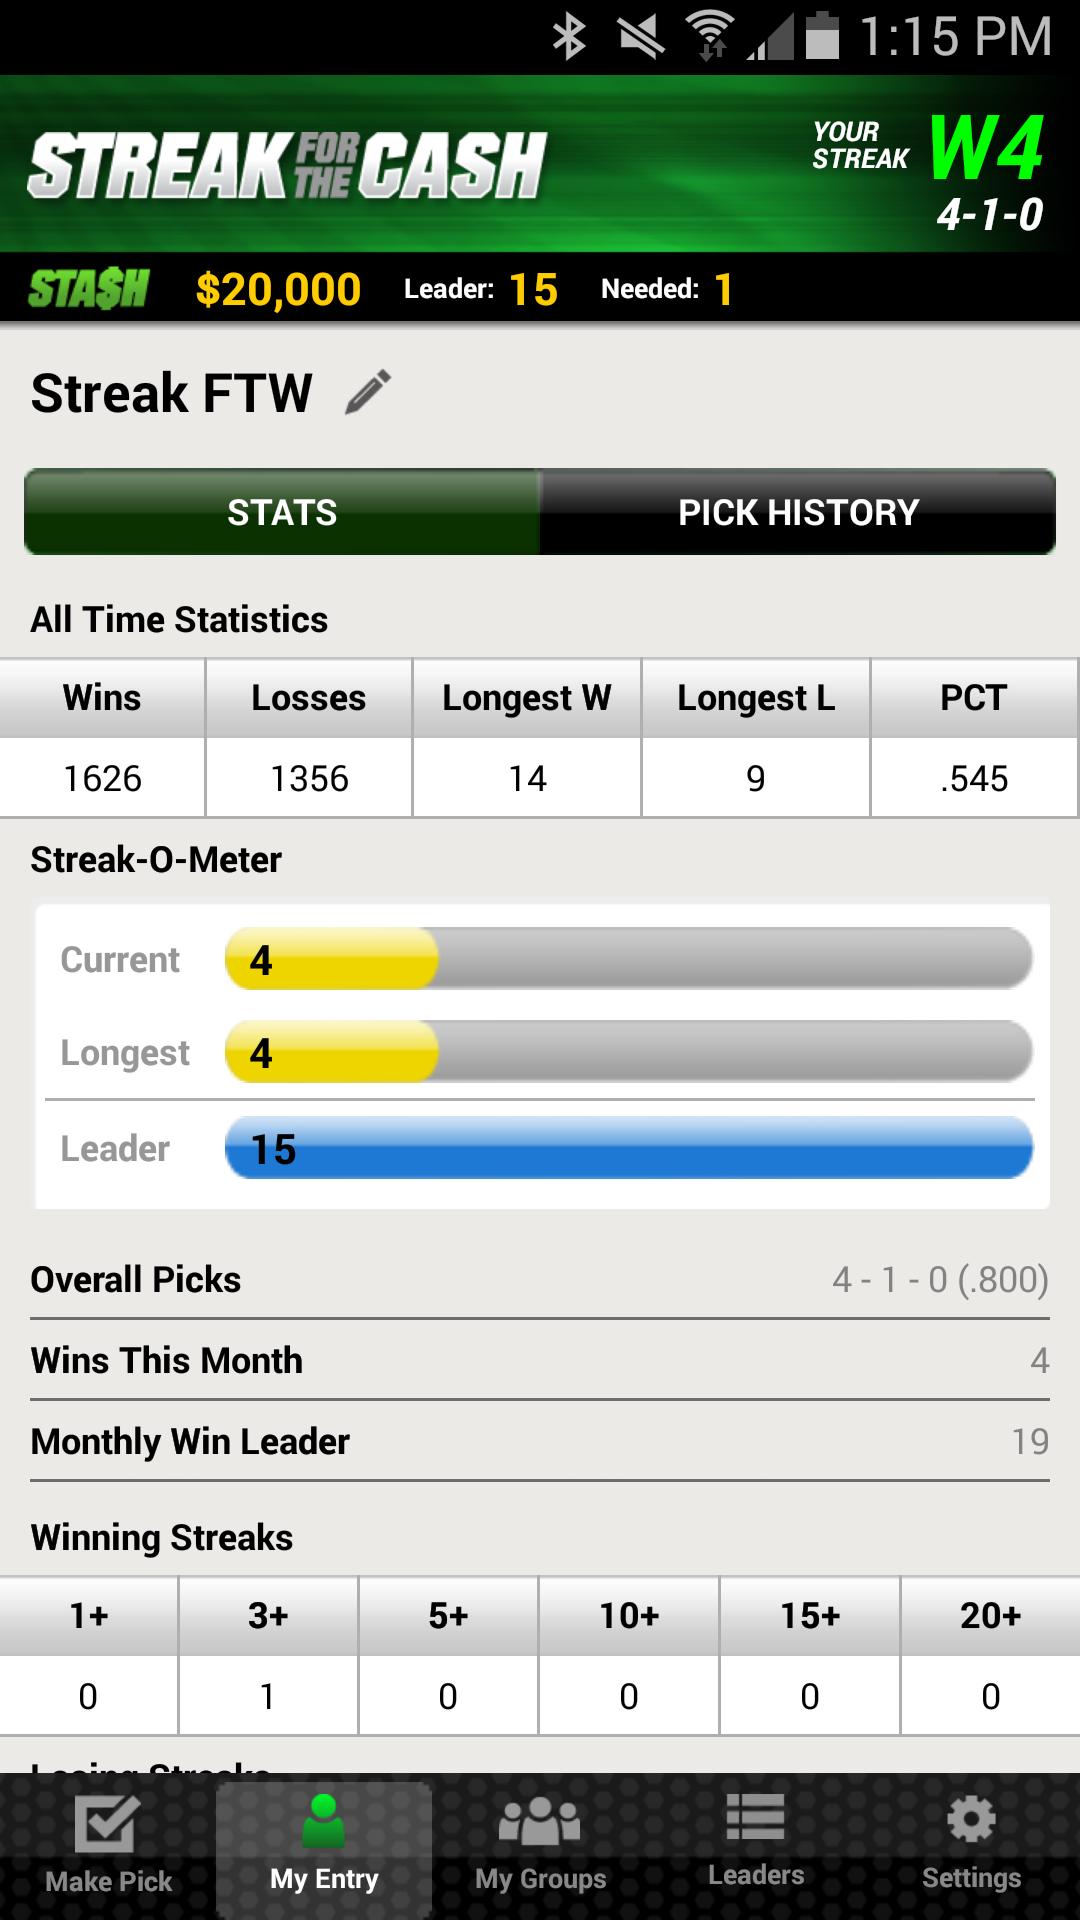 ESPN Streak For The Cash screenshot #3